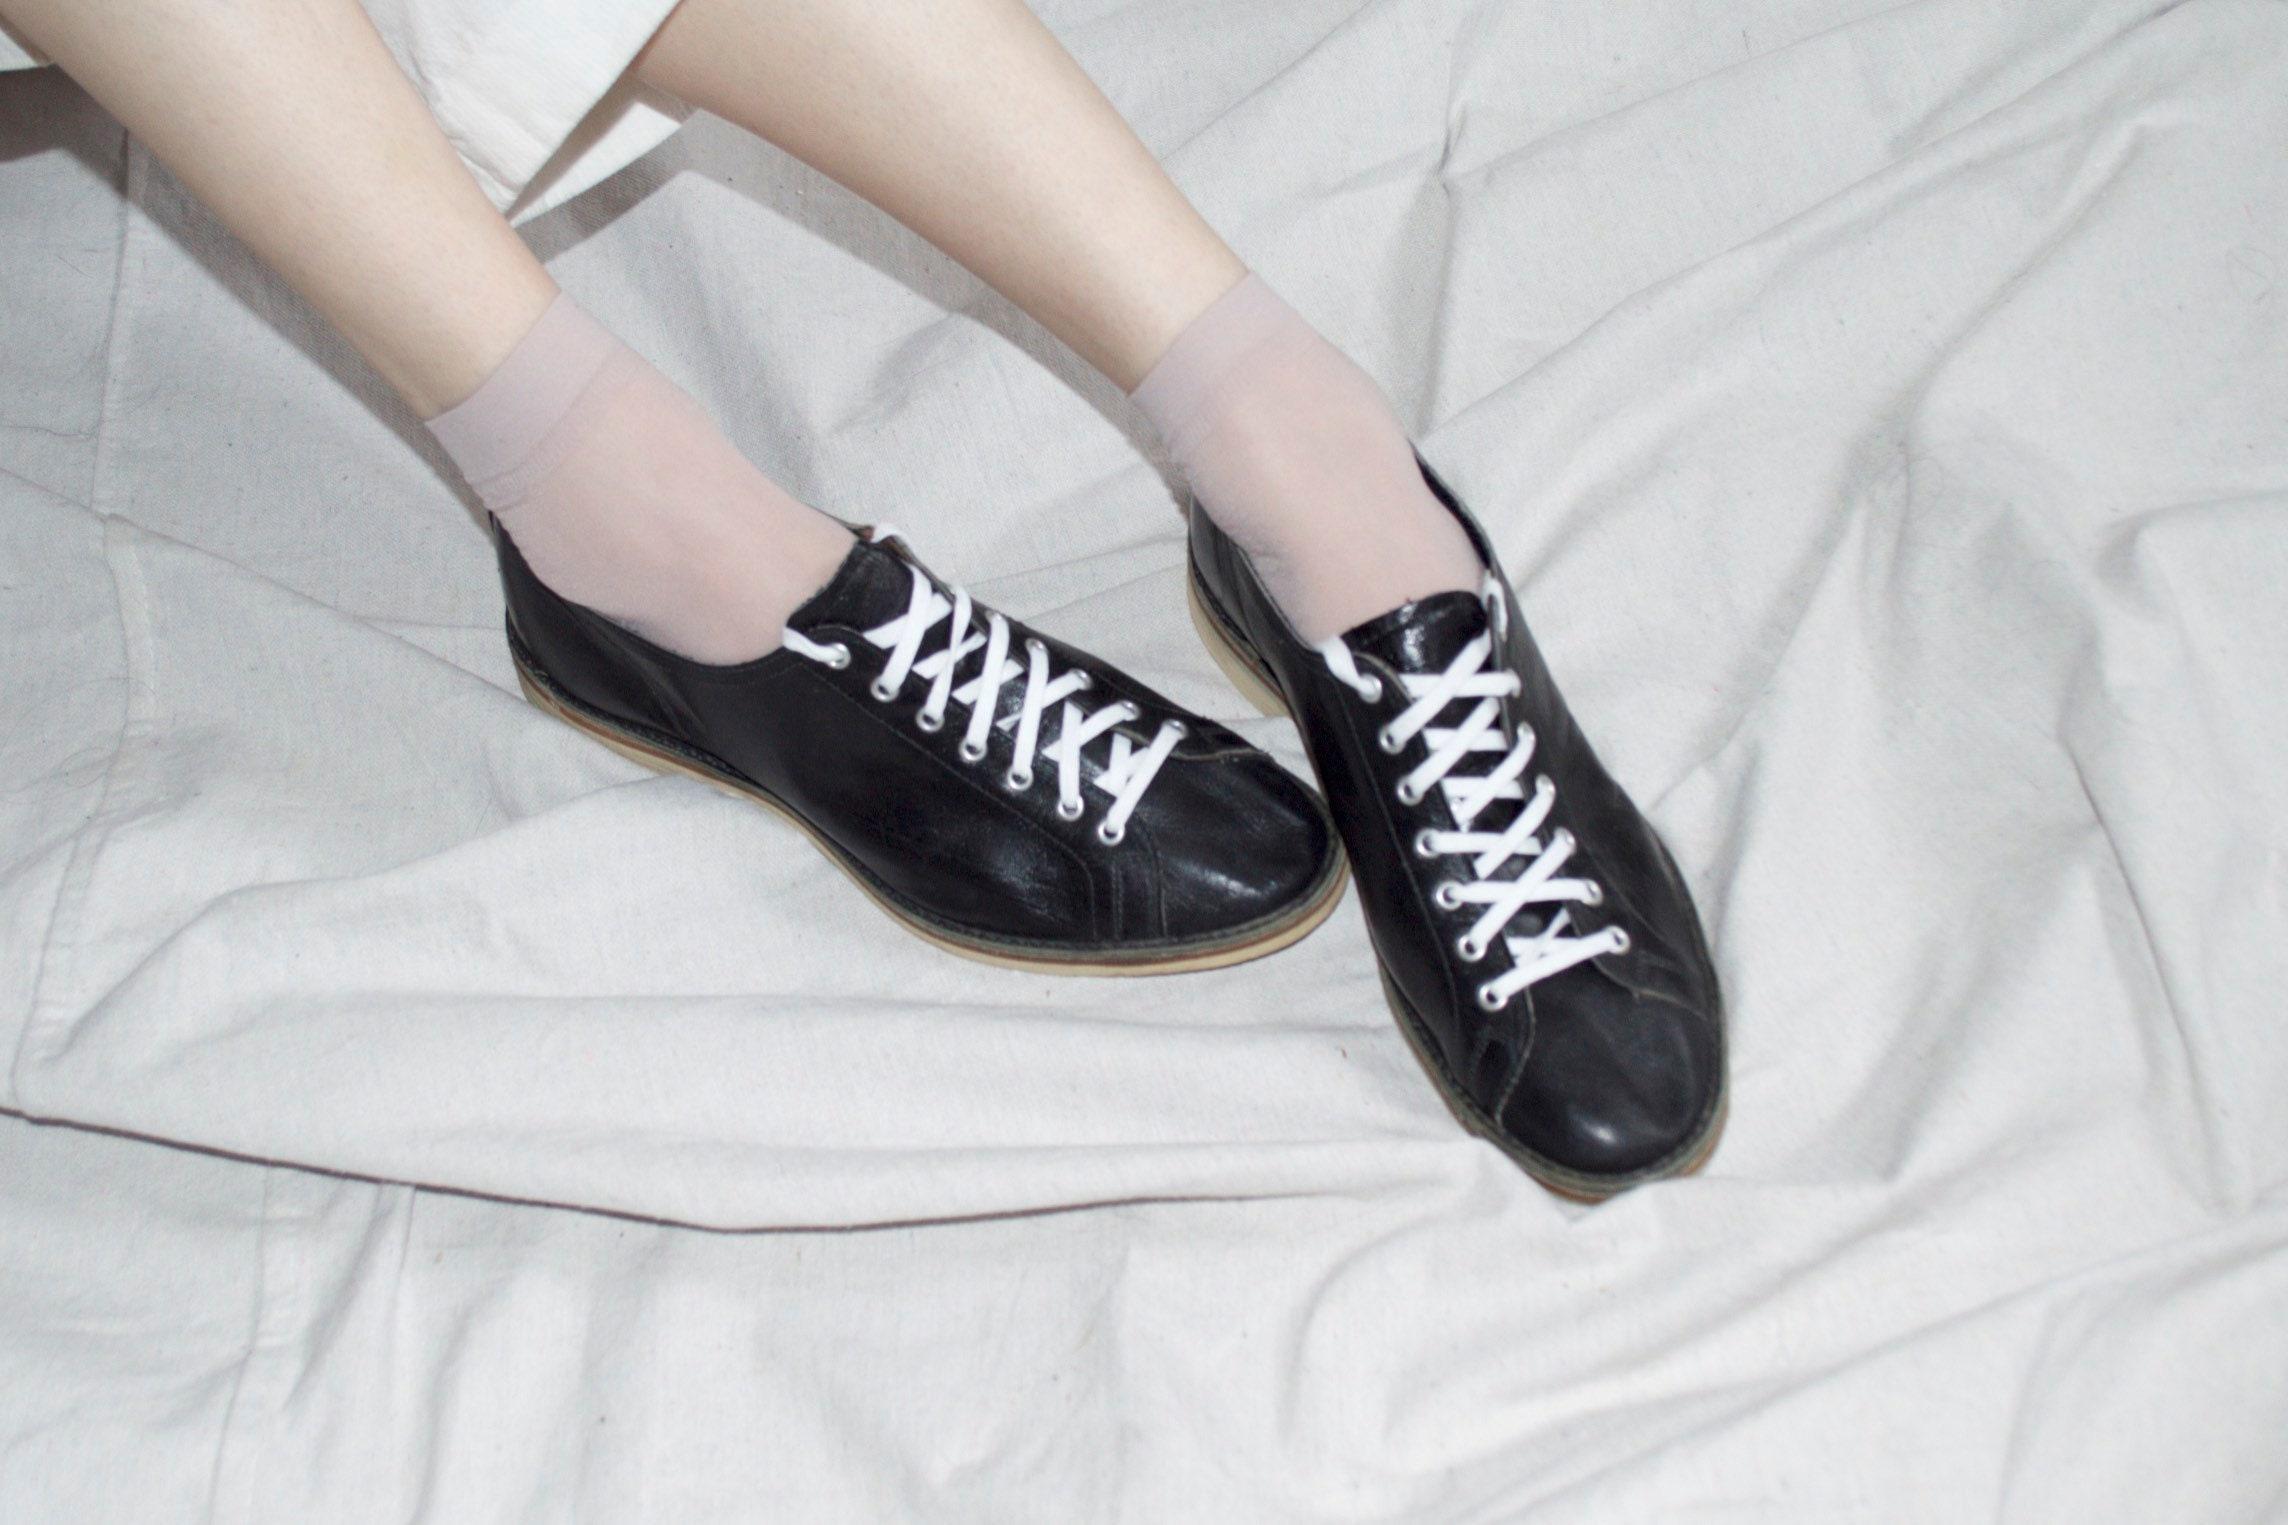 vintage tennis shoes, 1930's black leather tennis shoes vintage shoes athletic shoes, oxford tennis shoes vintage || sz US 9 narrow 43a294